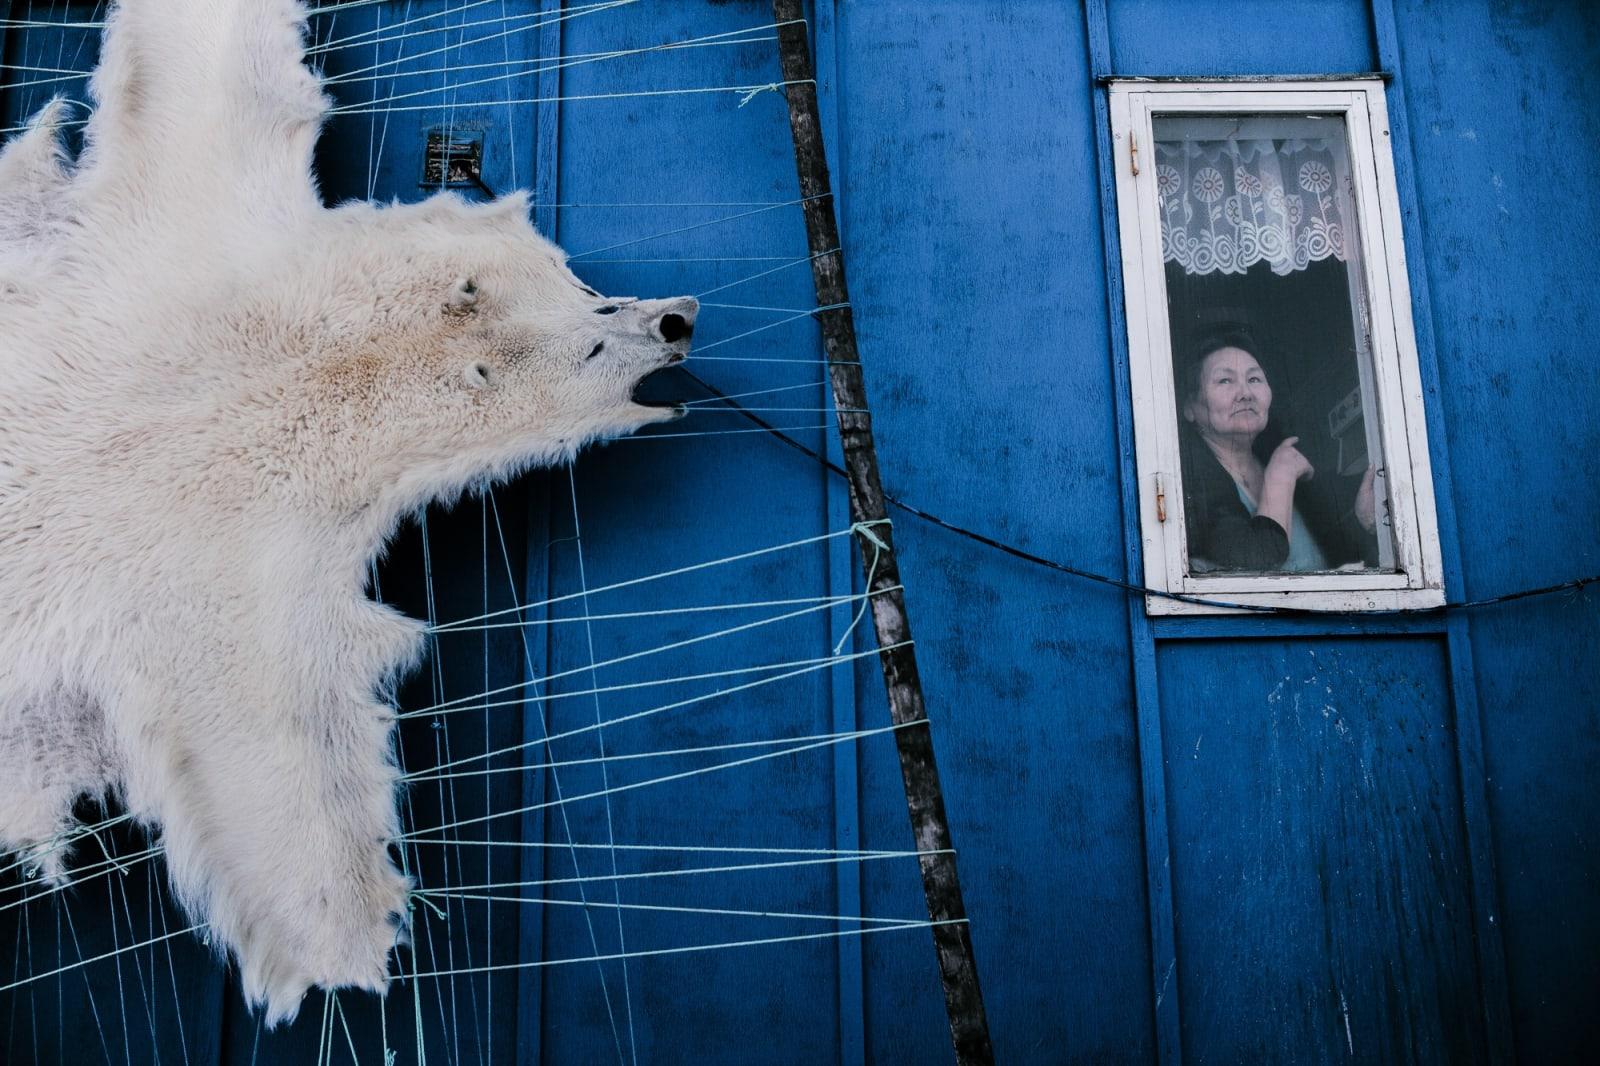 Ciril Jazbec, On Thin Ice #0019, 2014